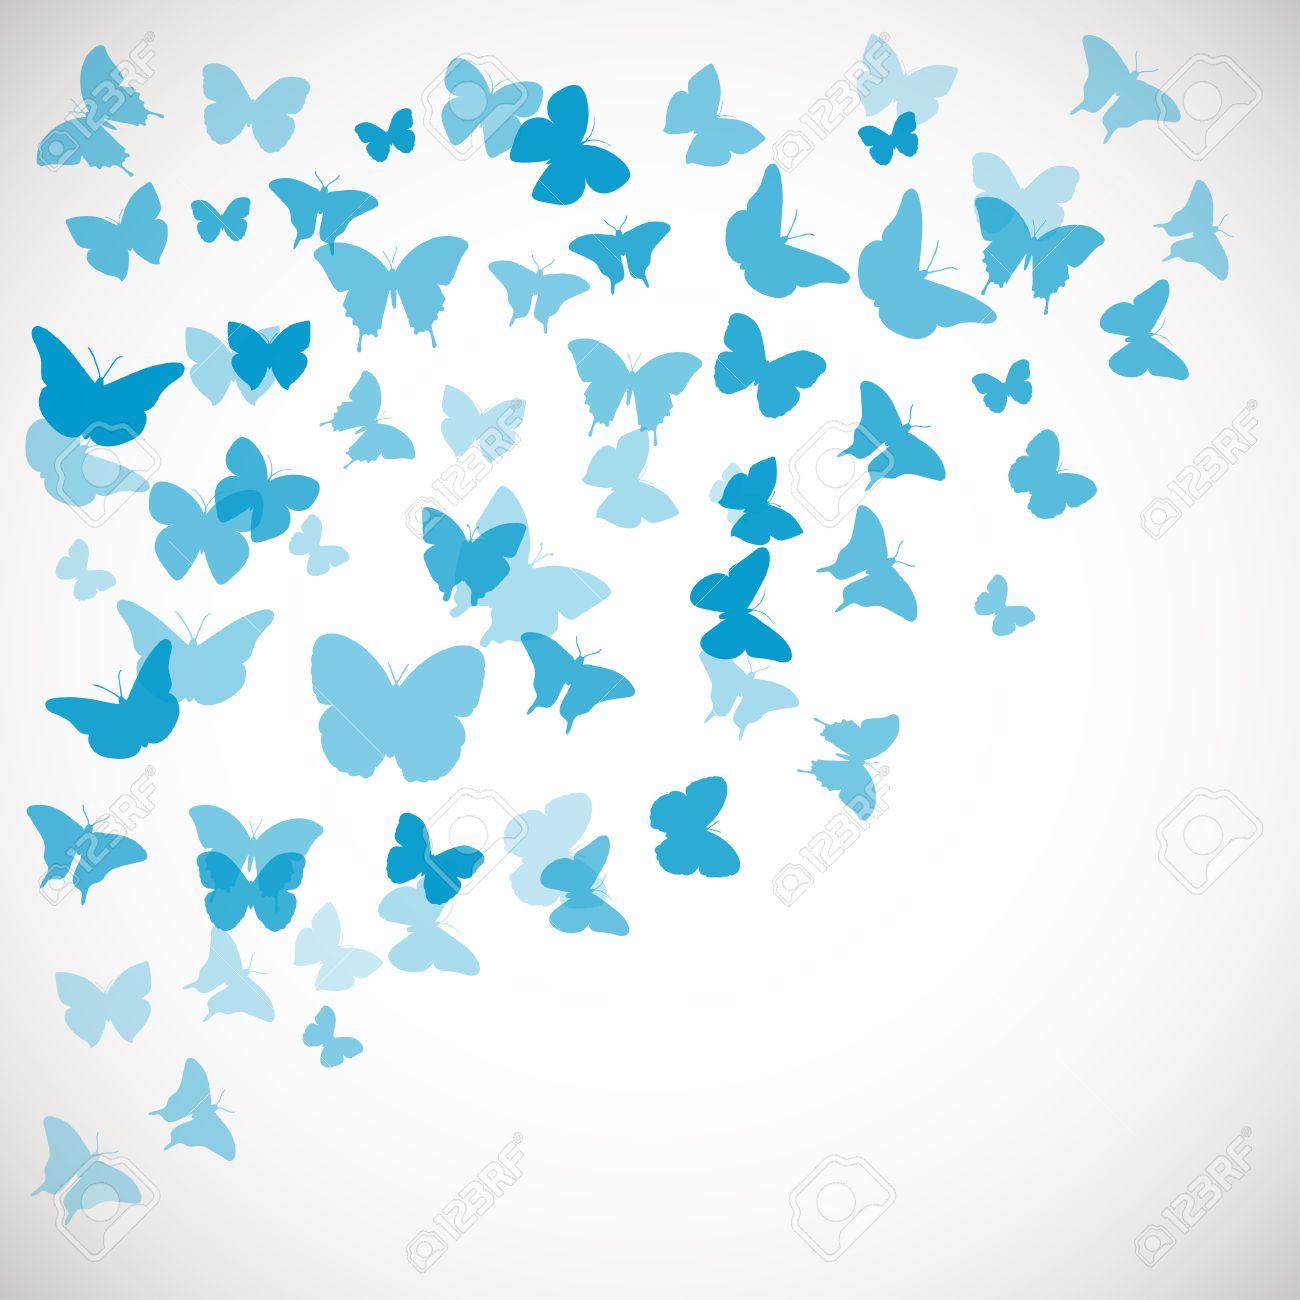 抽象的な蝶背景。青い蝶のベクター イラストです。結婚式、挨拶、招待